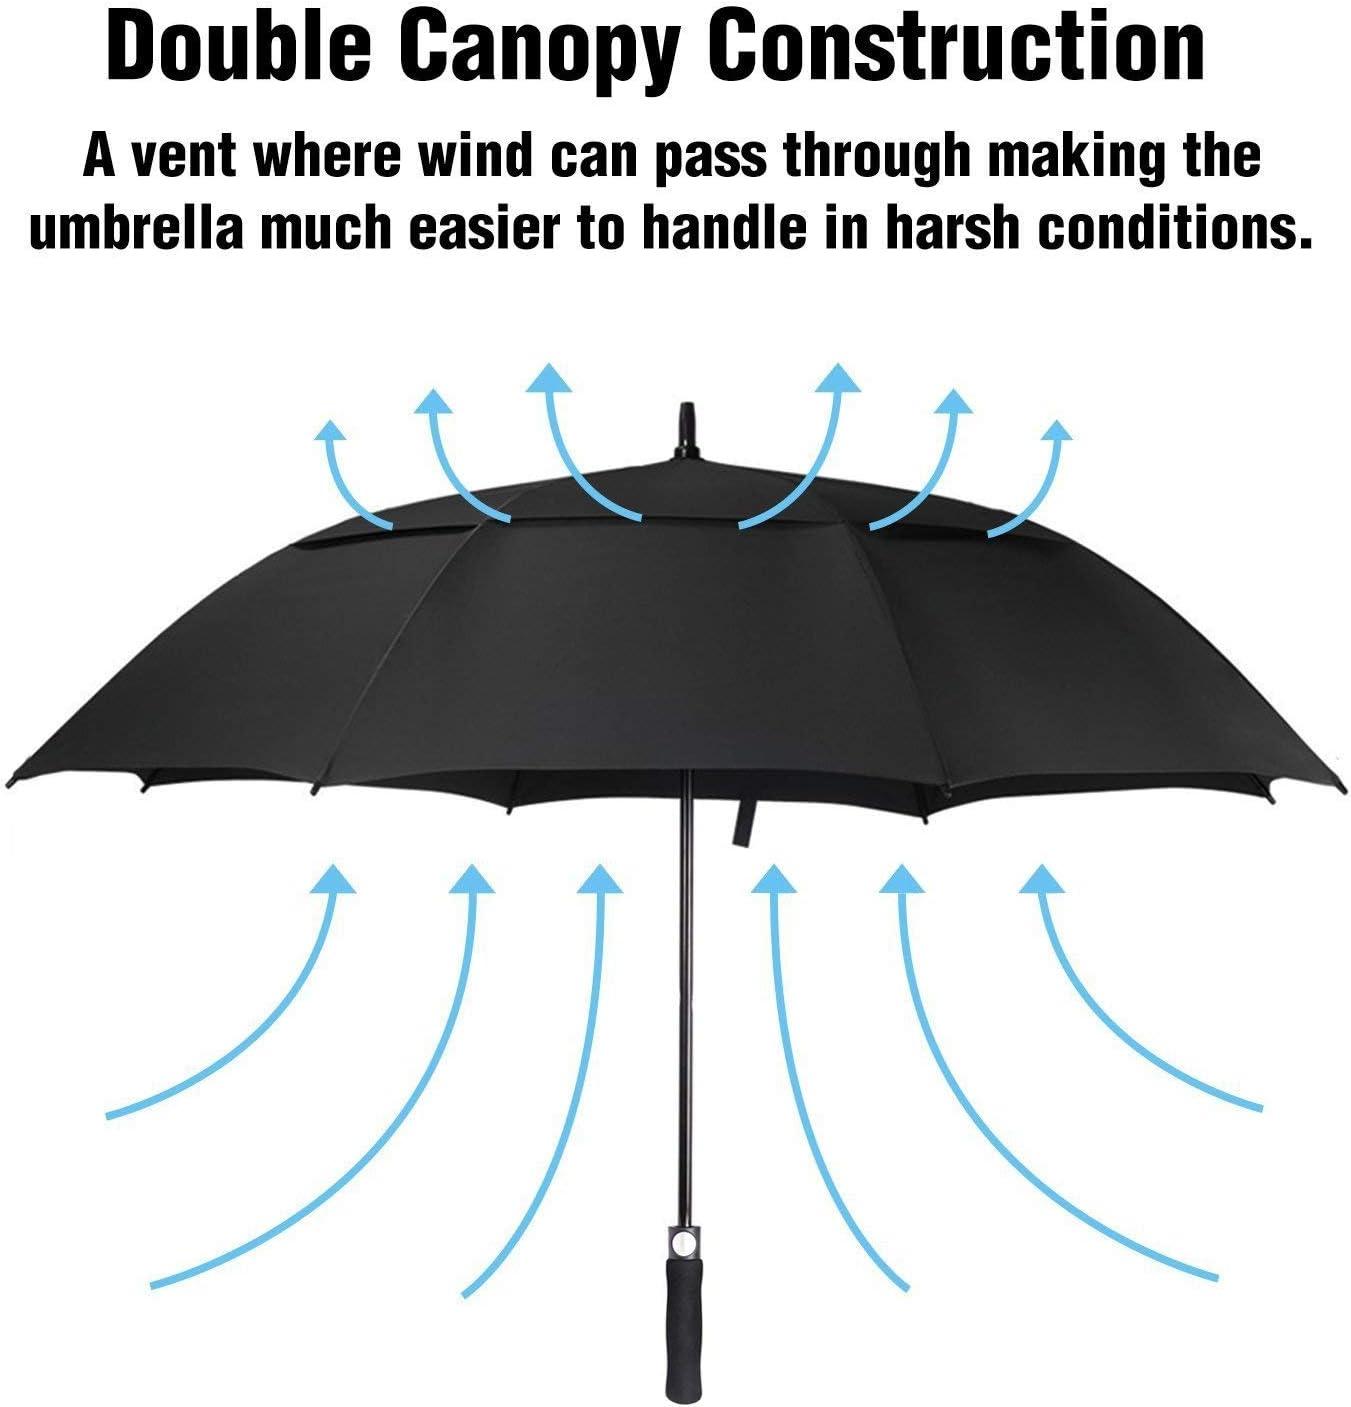 Violet Parapluie Attrape-r/êves Transparent Apollo Cage /à Oiseaux Parapluie Semi-Auto d/ôme Bulle Parapluie Personnalit/é Cadeau cr/éatif